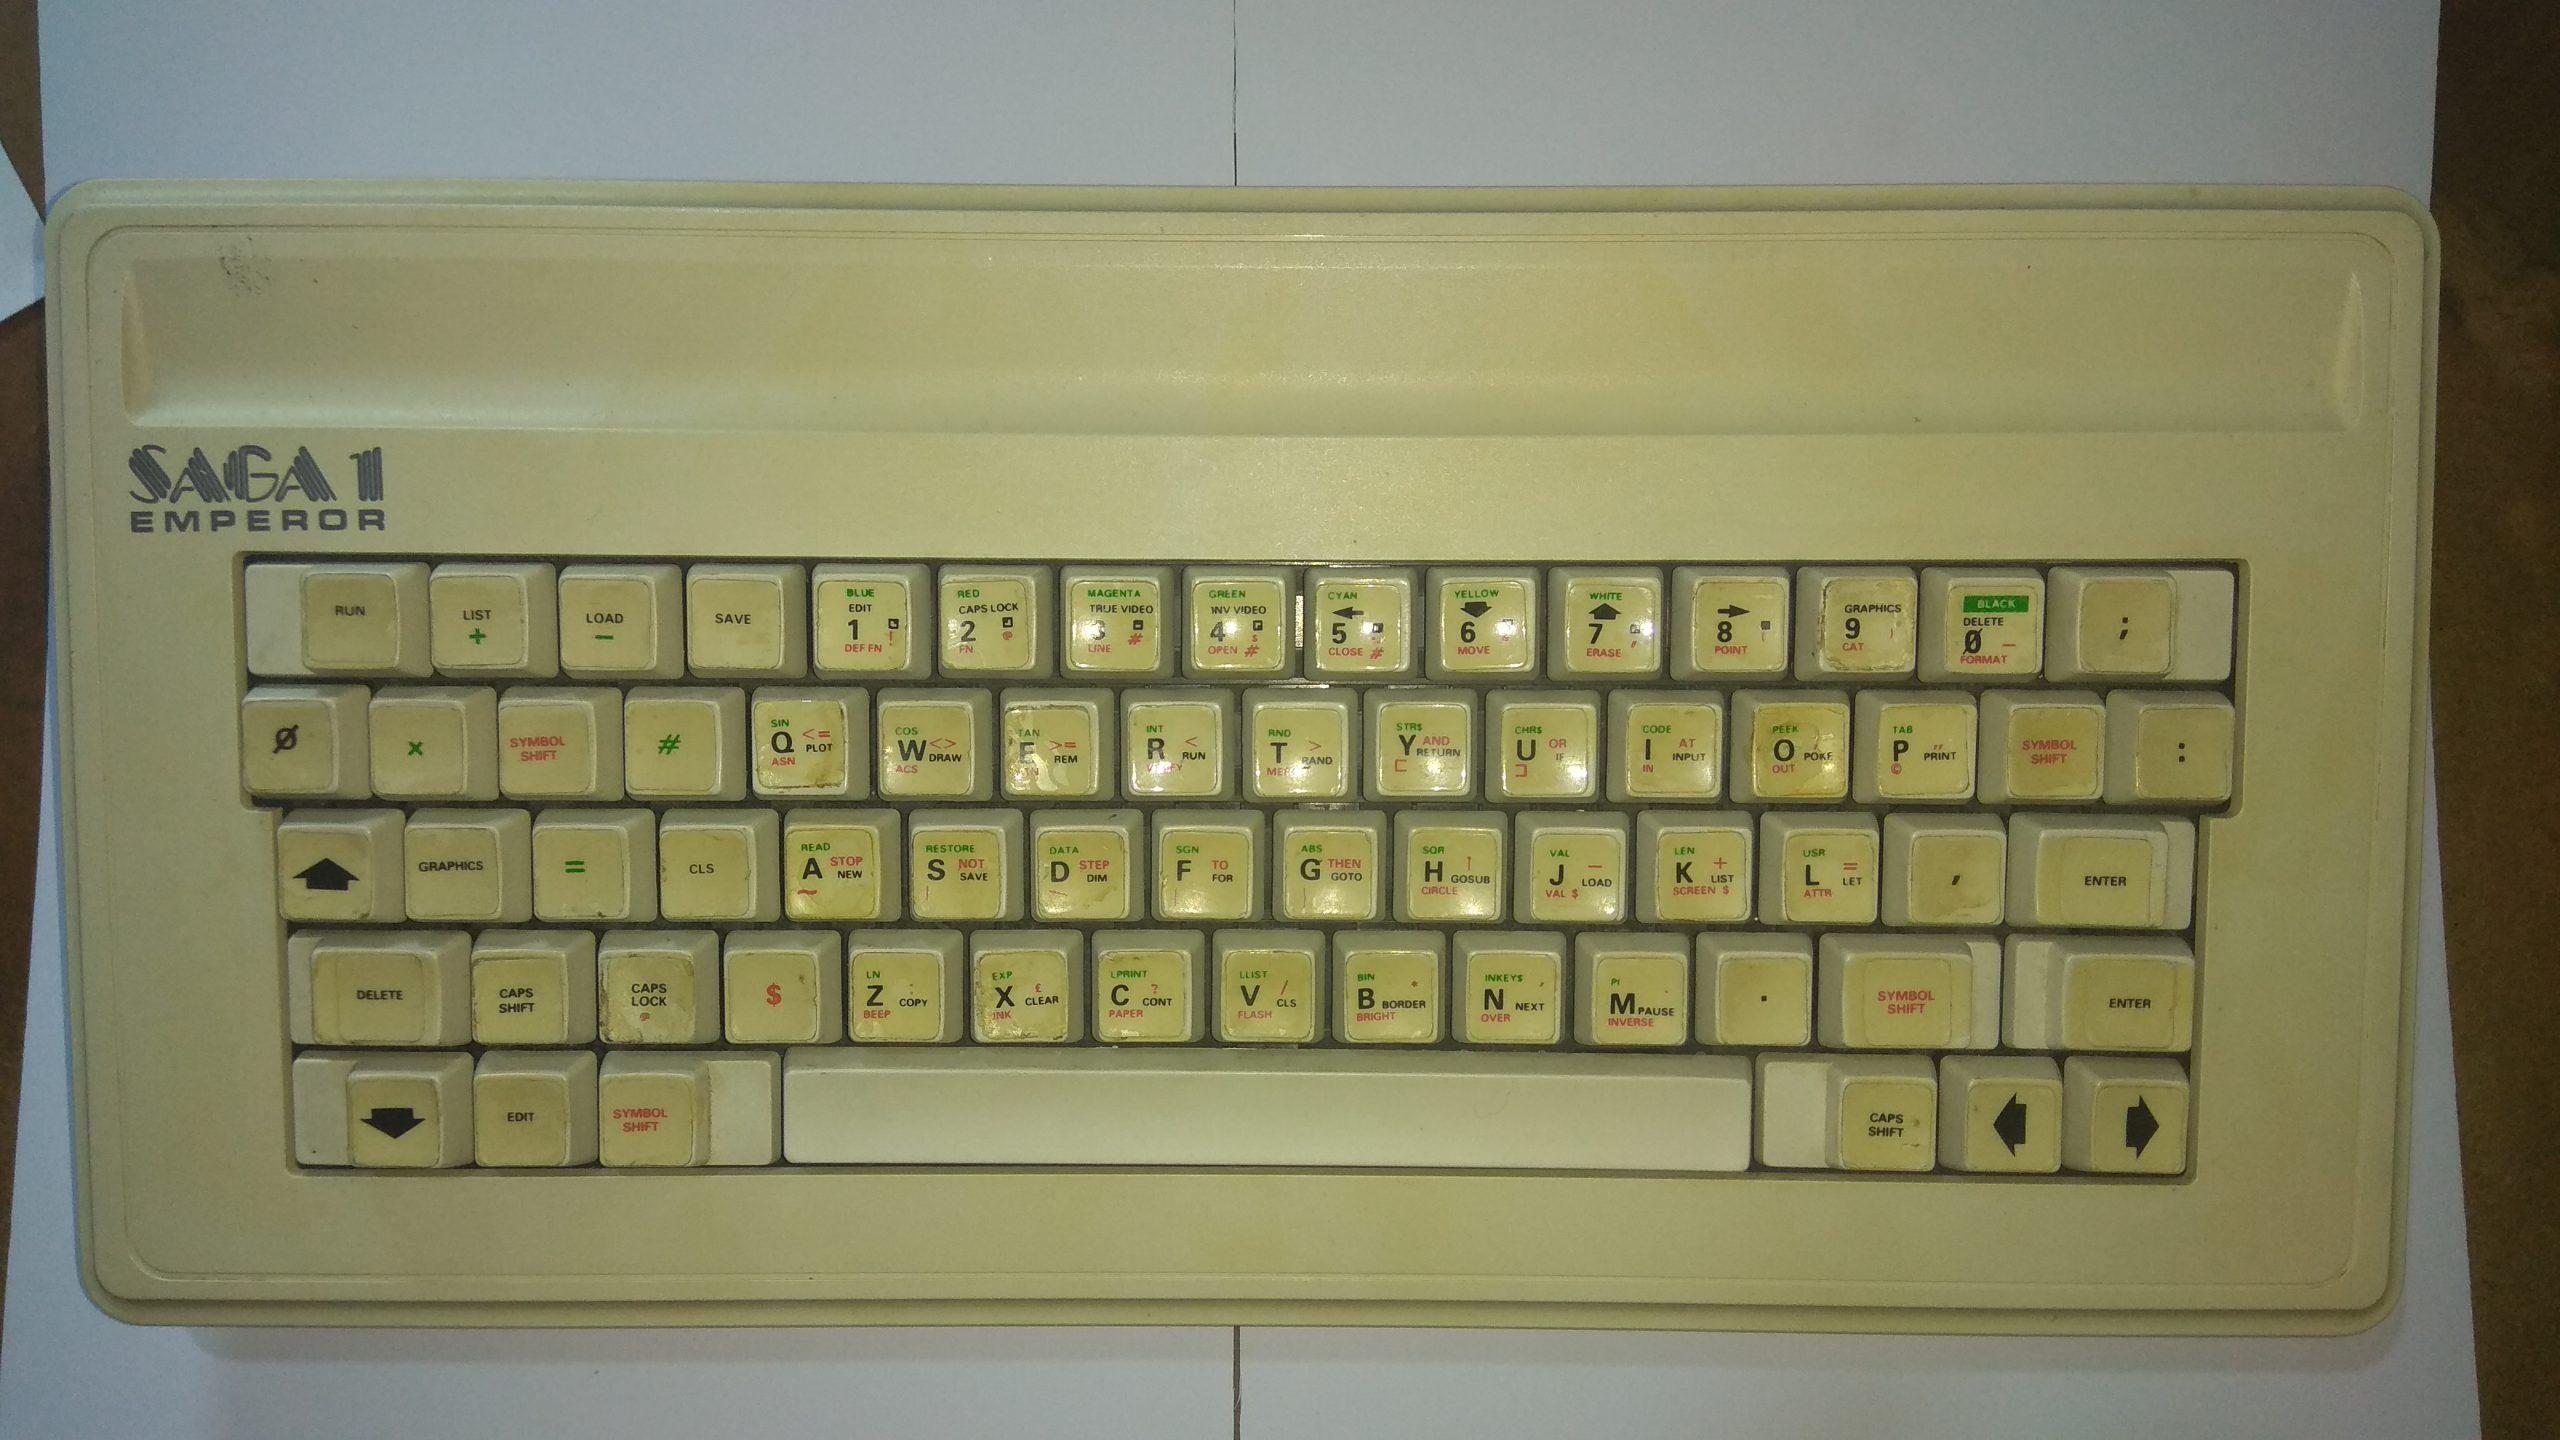 Teclado SAGA q emperor, se puede comprobar que la serigrafía de las teclas se ha hecho con papel adhesivo. El que sea una membrana doble (igual que en el Spectrum +) permite aumentar el número de teclas sin necesidad de electrónica.